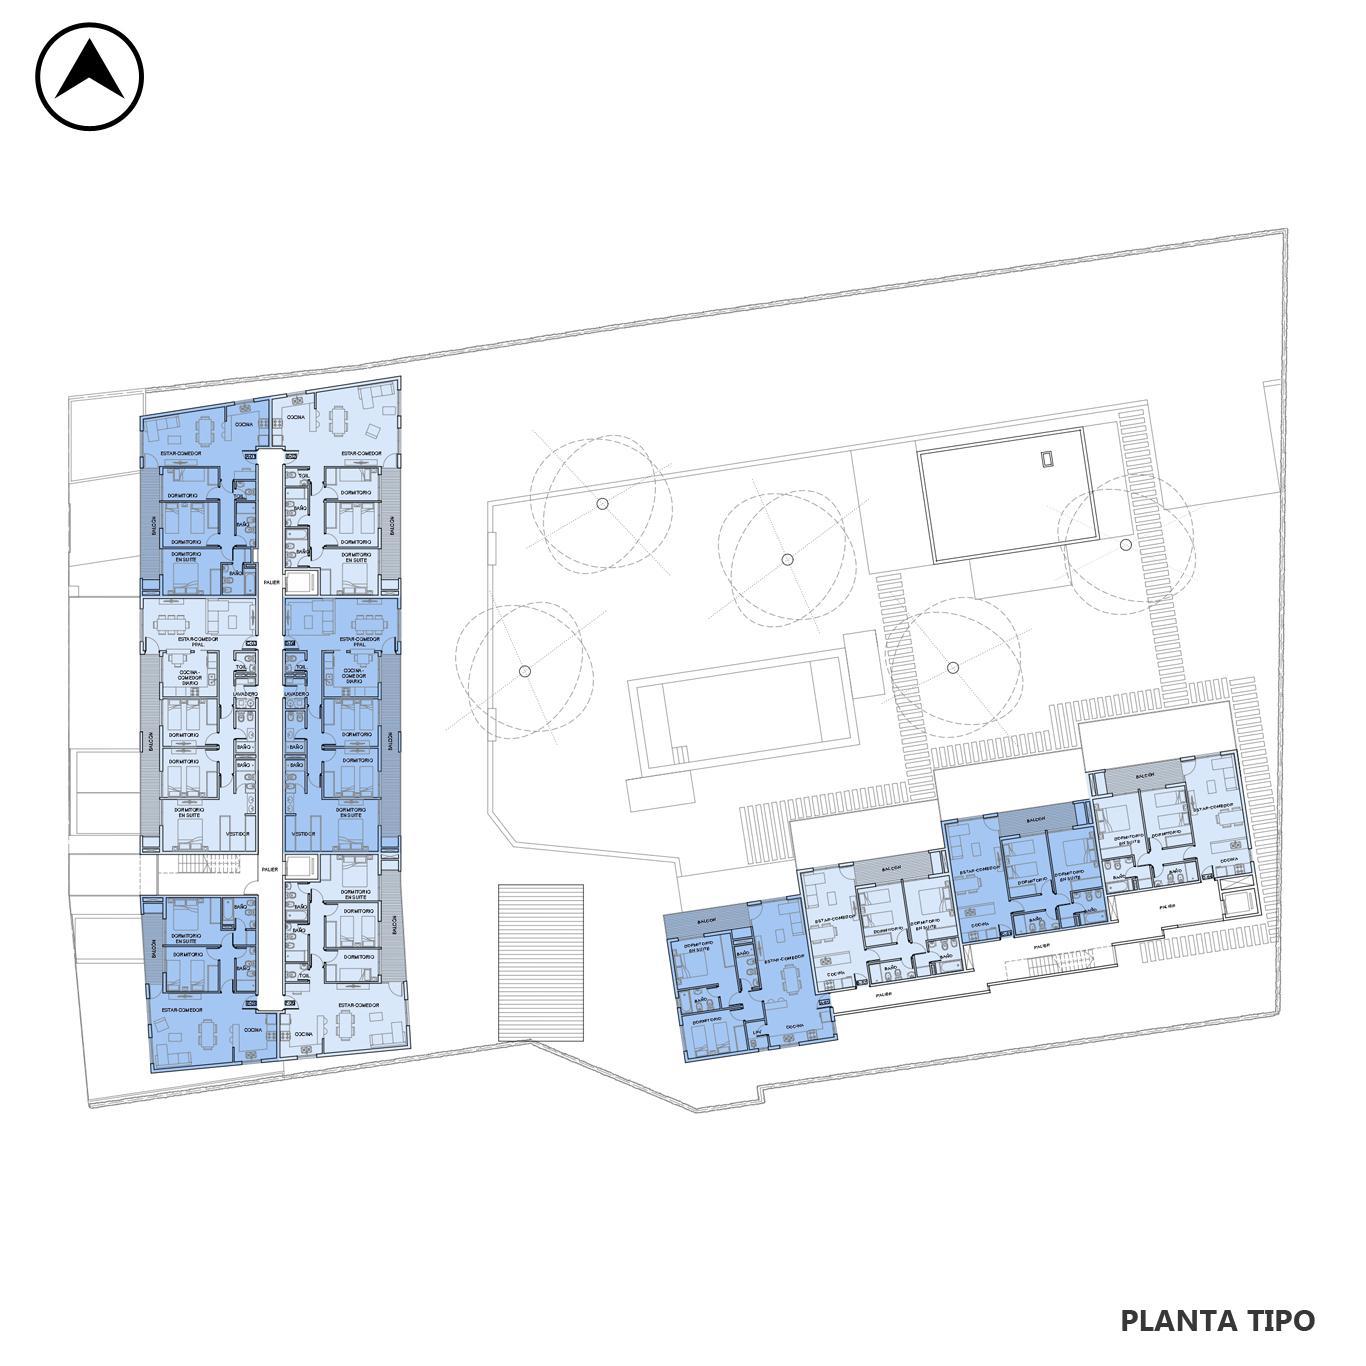 Venta departamento 2 dormitorios Rosario, Fisherton. Cod CBU23543 AP2216630. Crestale Propiedades